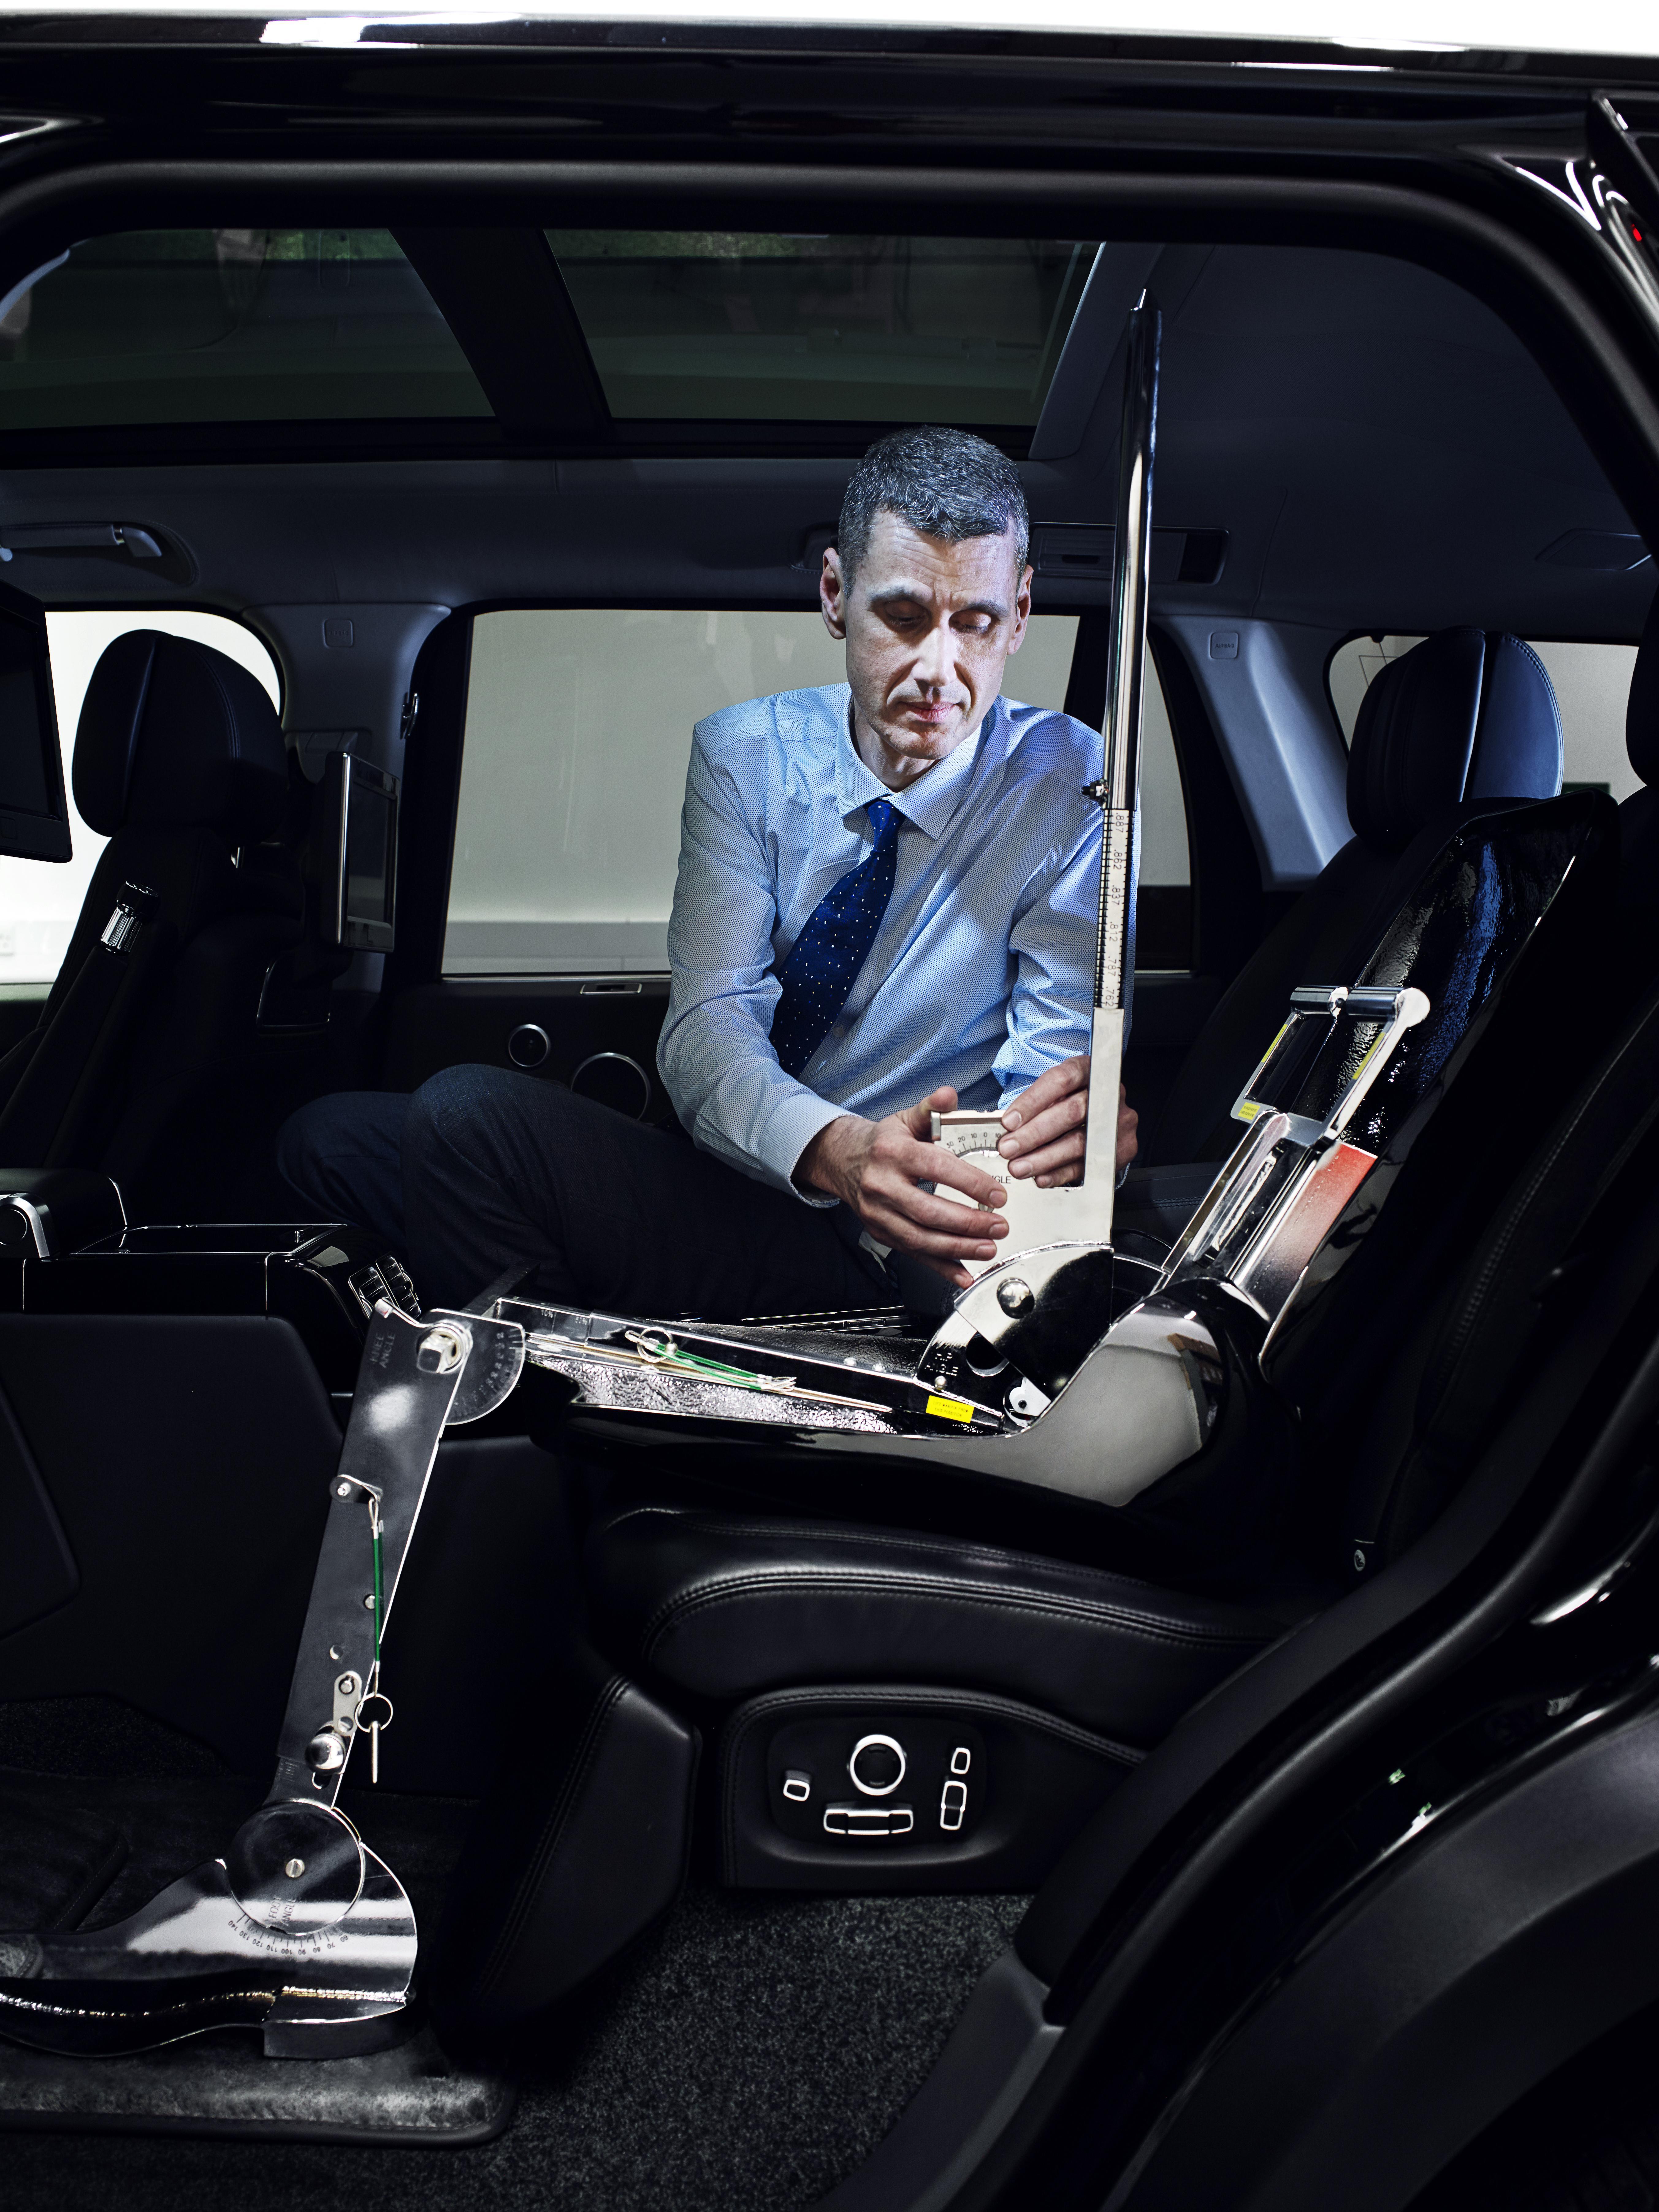 Д-р Пол Хэрриотс, технический специалист Land Rover в области эргономики: «В связи с растущей нагрузкой людям приходится адаптироваться к различным рабочим условиям». Фото: Land Rover